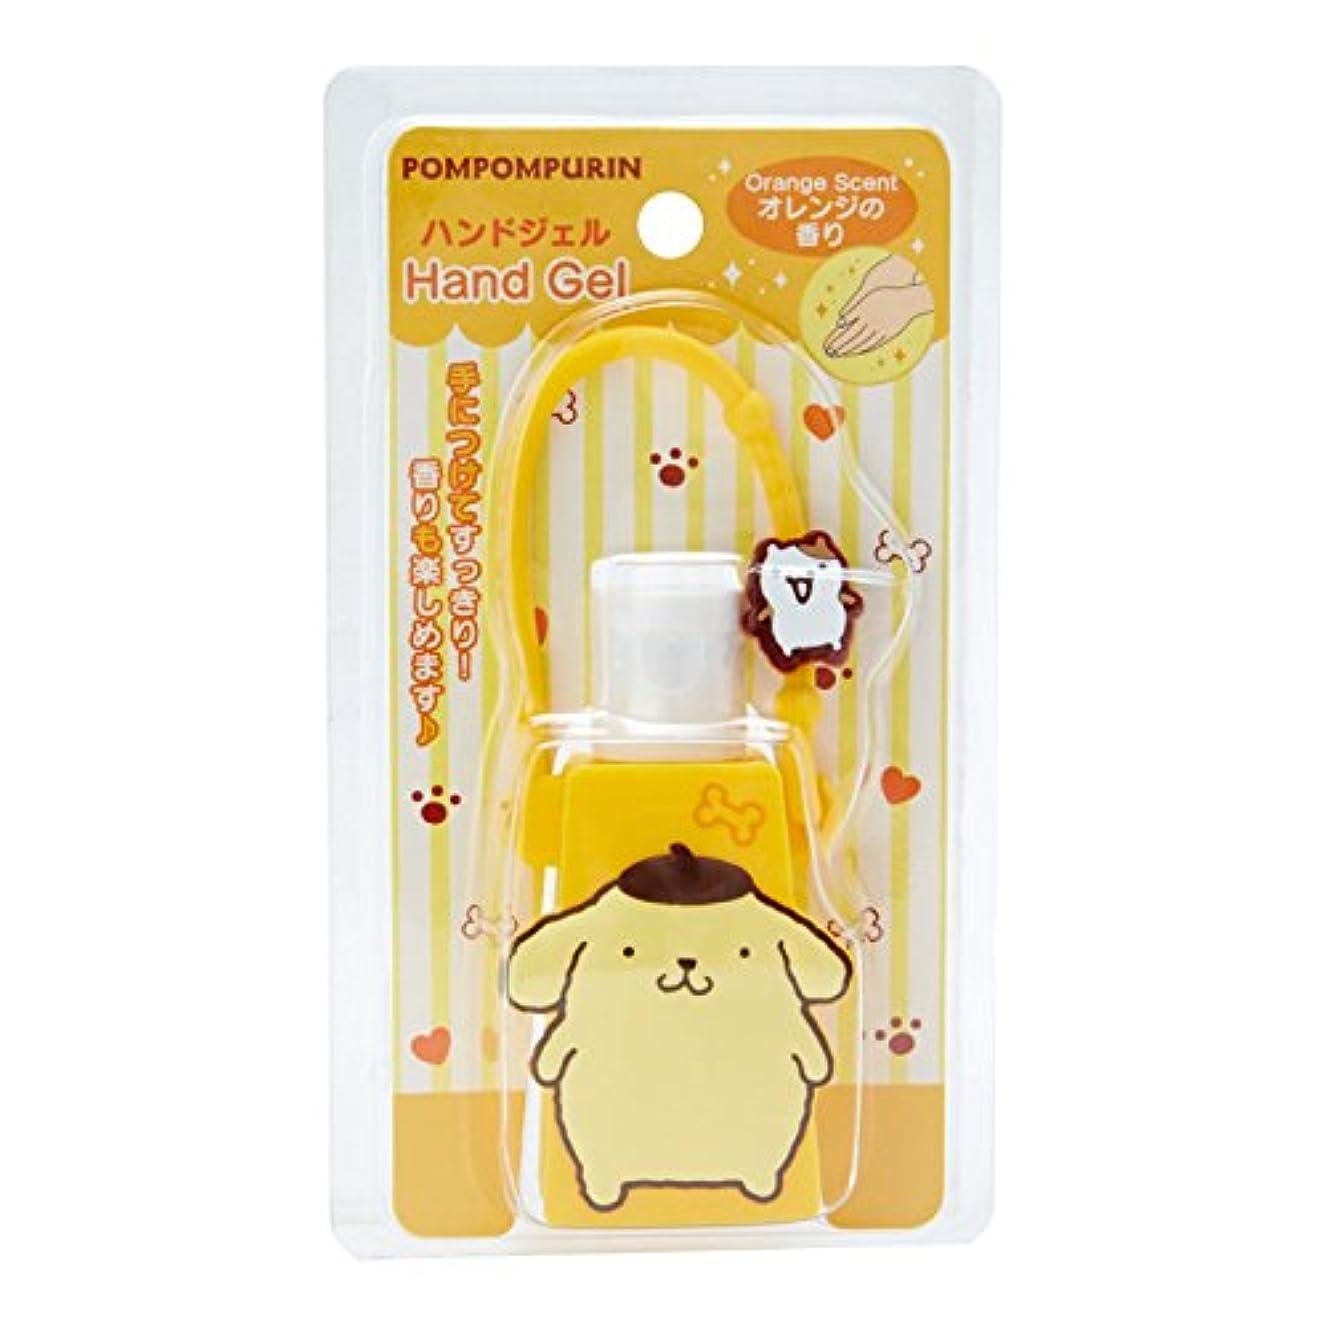 不承認残高悲惨なポムポムプリン 携帯ハンドジェル(オレンジの香り)